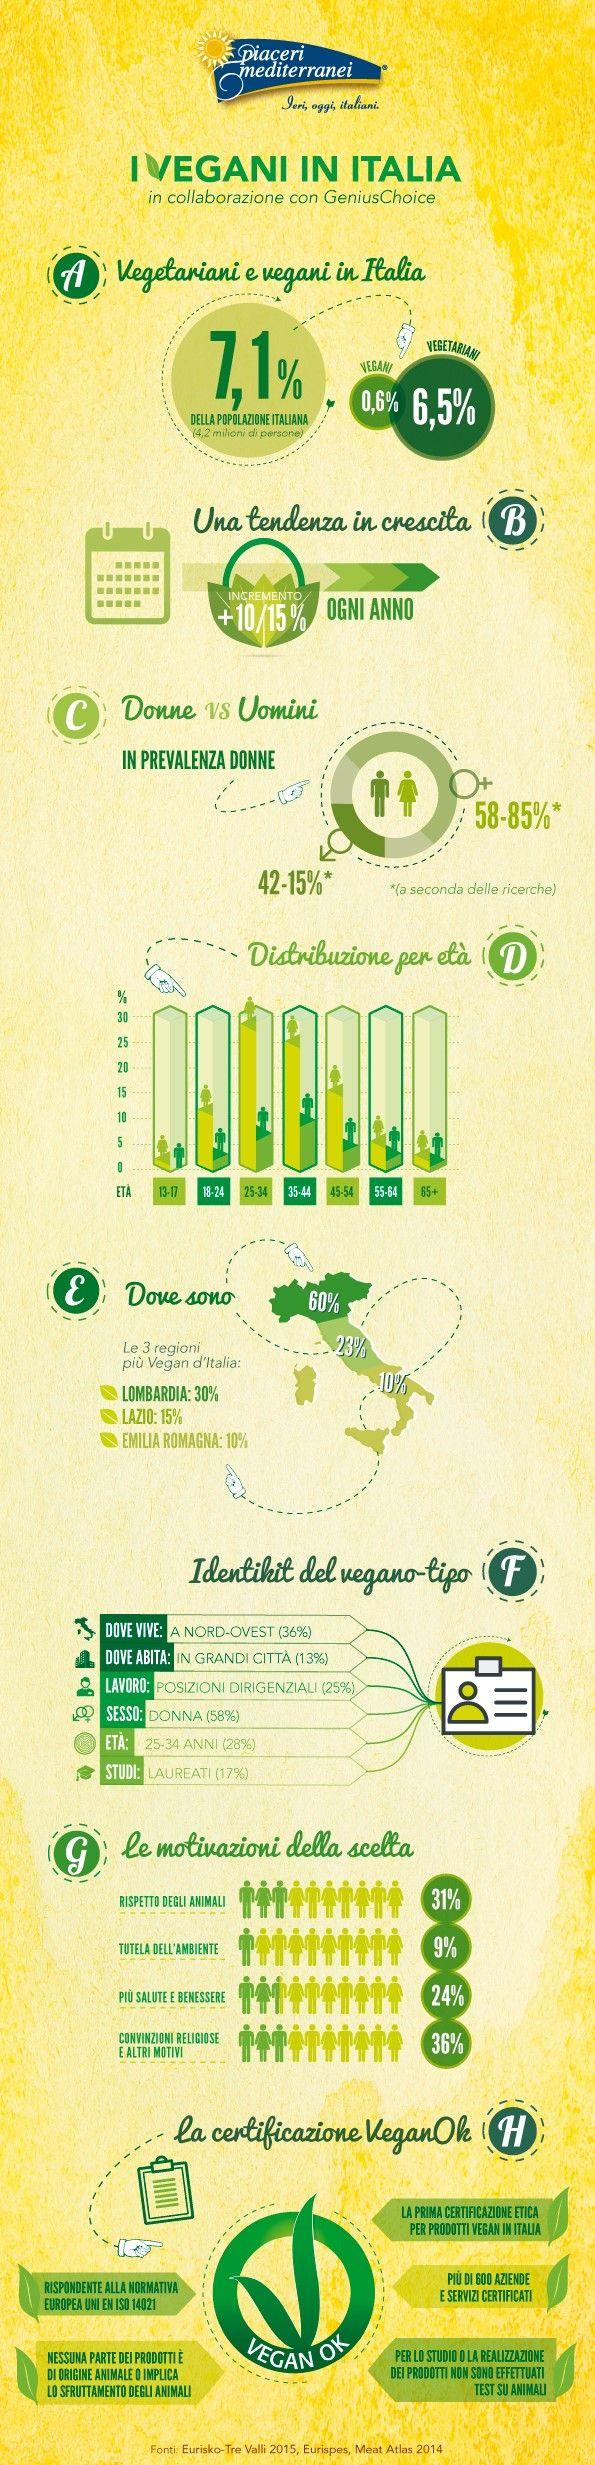 Lo stile di vita #vegetariano e #vegano è sempre più apprezzato in Italia e all'estero, ed è sempre più attento all'origine e alla filiera degli alimenti. Questo il quadro che emerge da una recentissima ricerca realizzata per noi dalla start up italiana GeniusChoice, e proprio per questo è nata la nuova linea di prodotti #vegani Piaceri Mediterranei!  www.piacerimediterranei.it/blog/dieta-vegetariana-e-vegana-un-trend-in-crescita/